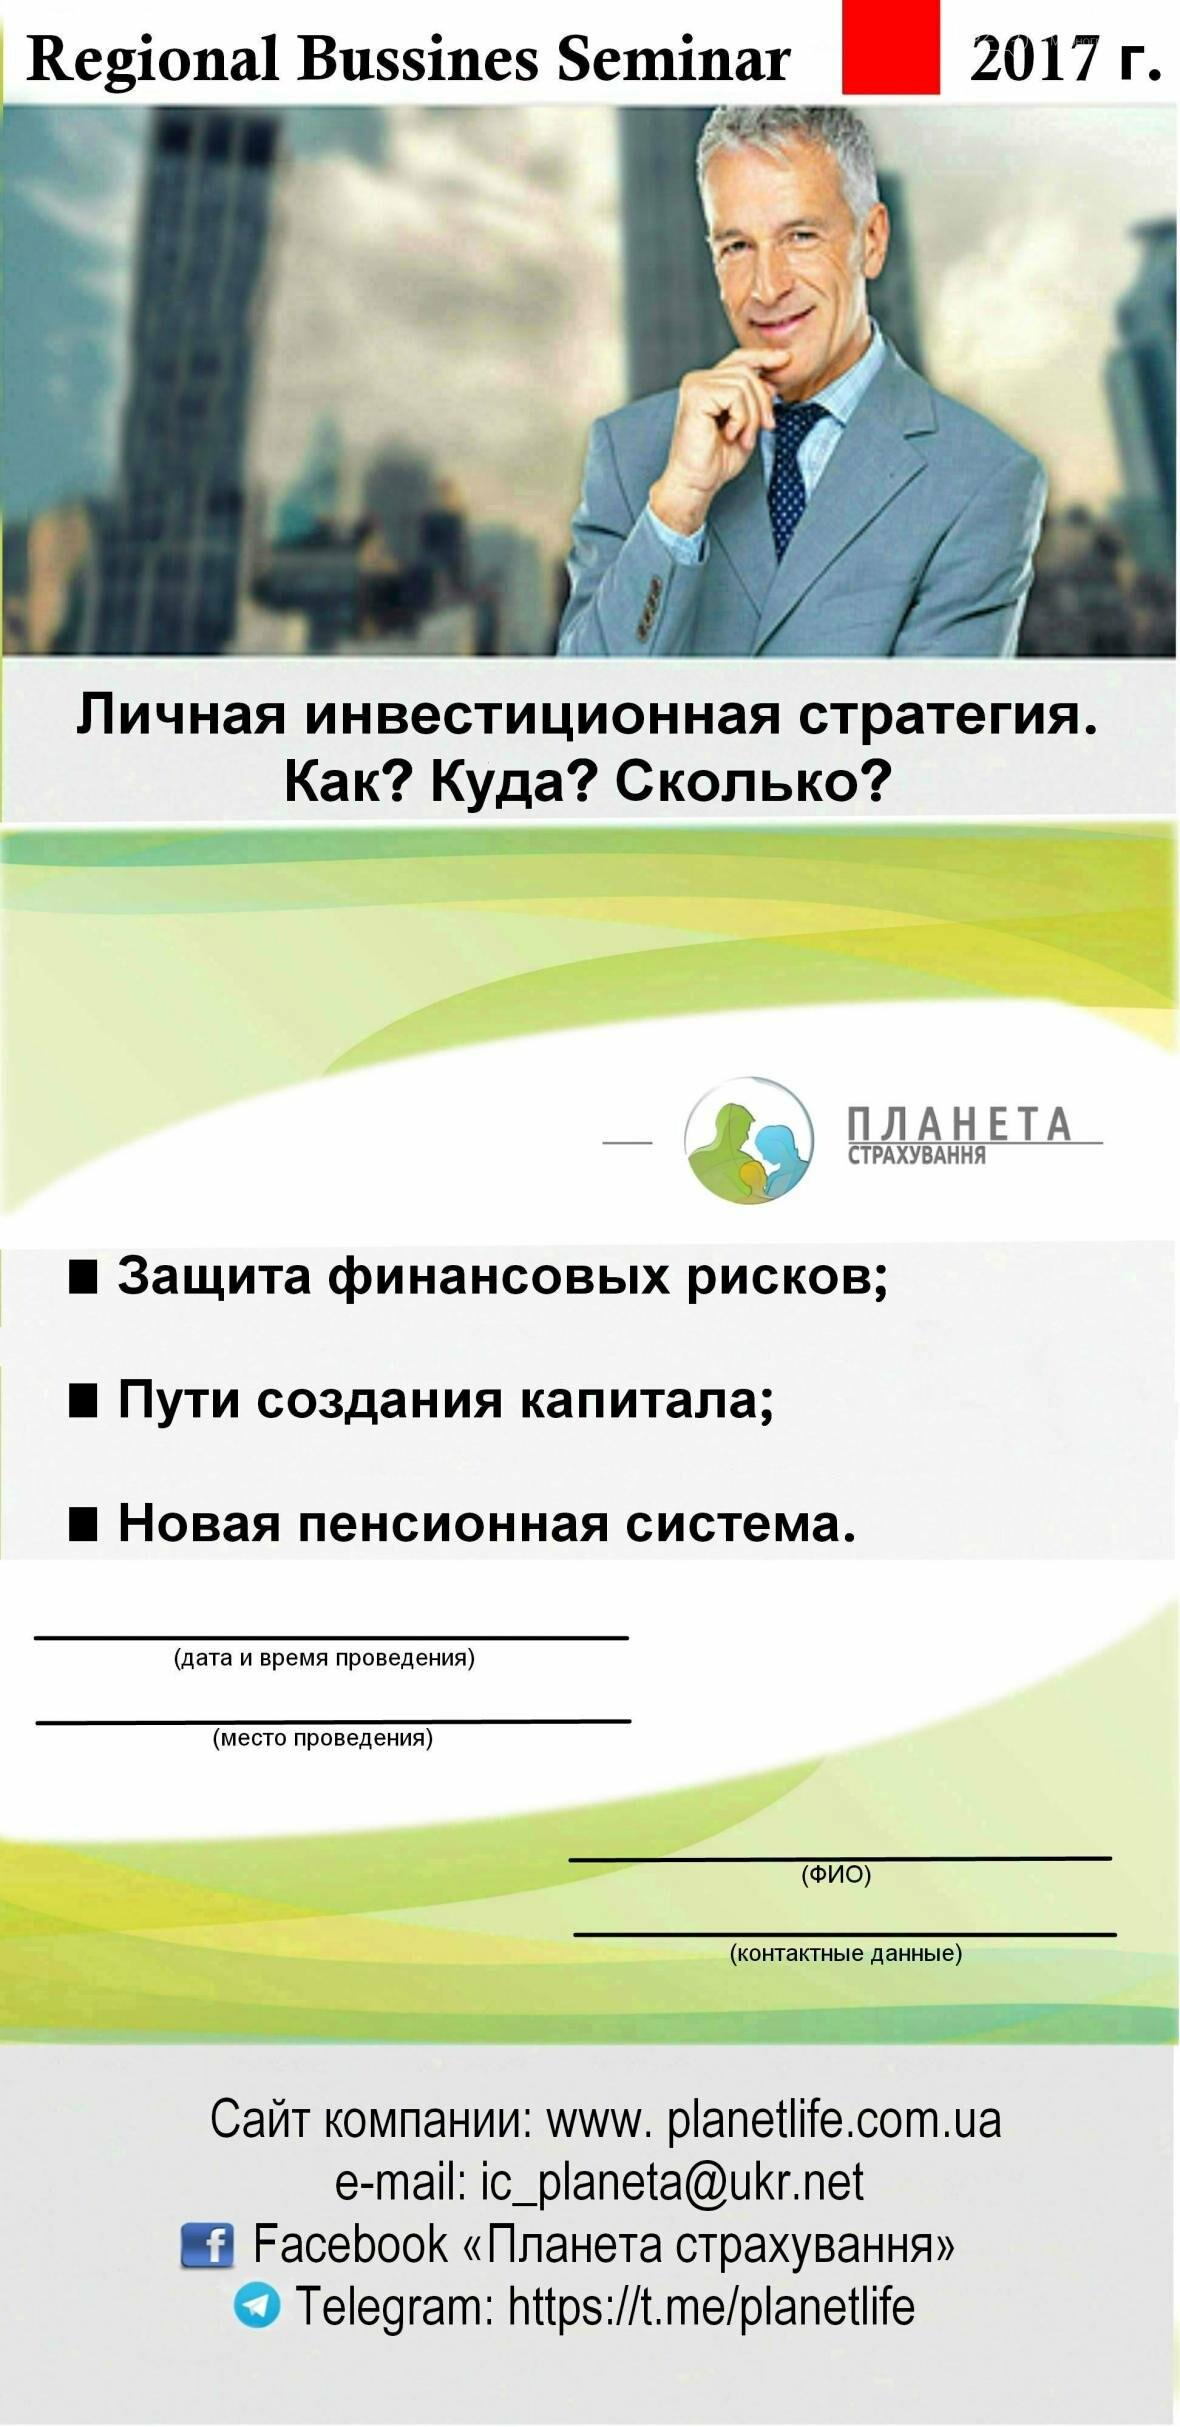 """В Покровске пройдет семинар от СК """"Планета Страхования"""": приди и узнай все о новой пенсионной и накопительной системе, фото-1"""